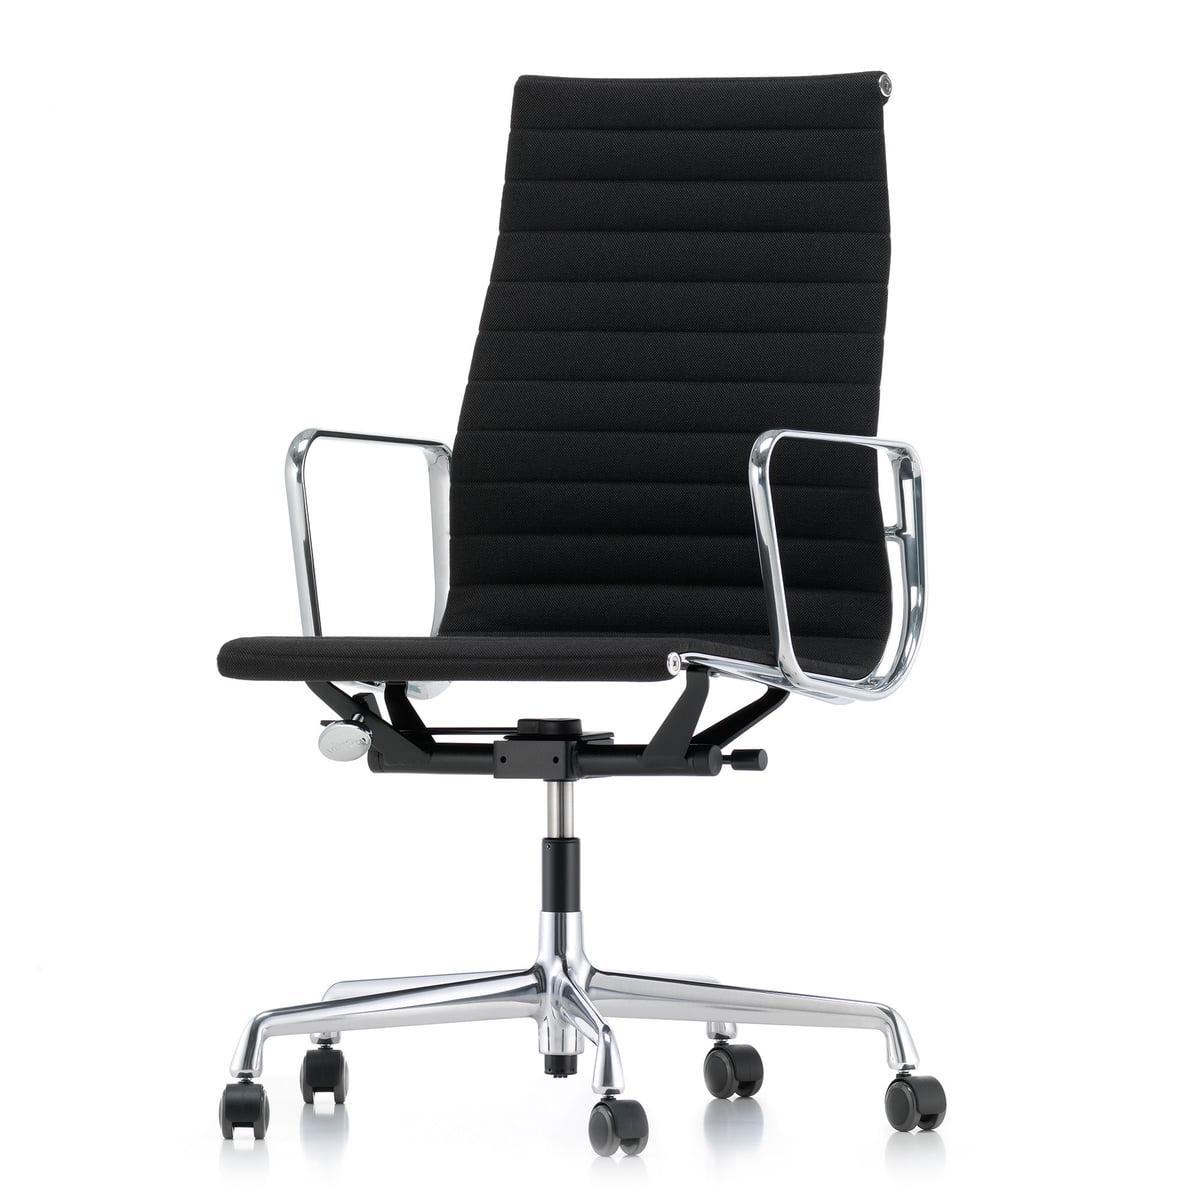 Bureaustoel Vitra Eames.Vitra Aluminium Group Ea 119 Bureaustoel Connox